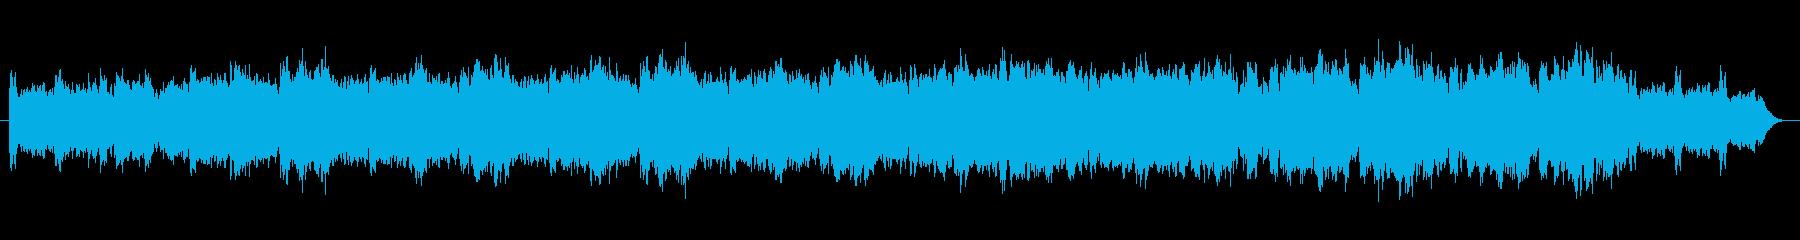 きらきらハープの癒し系オーケストラの再生済みの波形